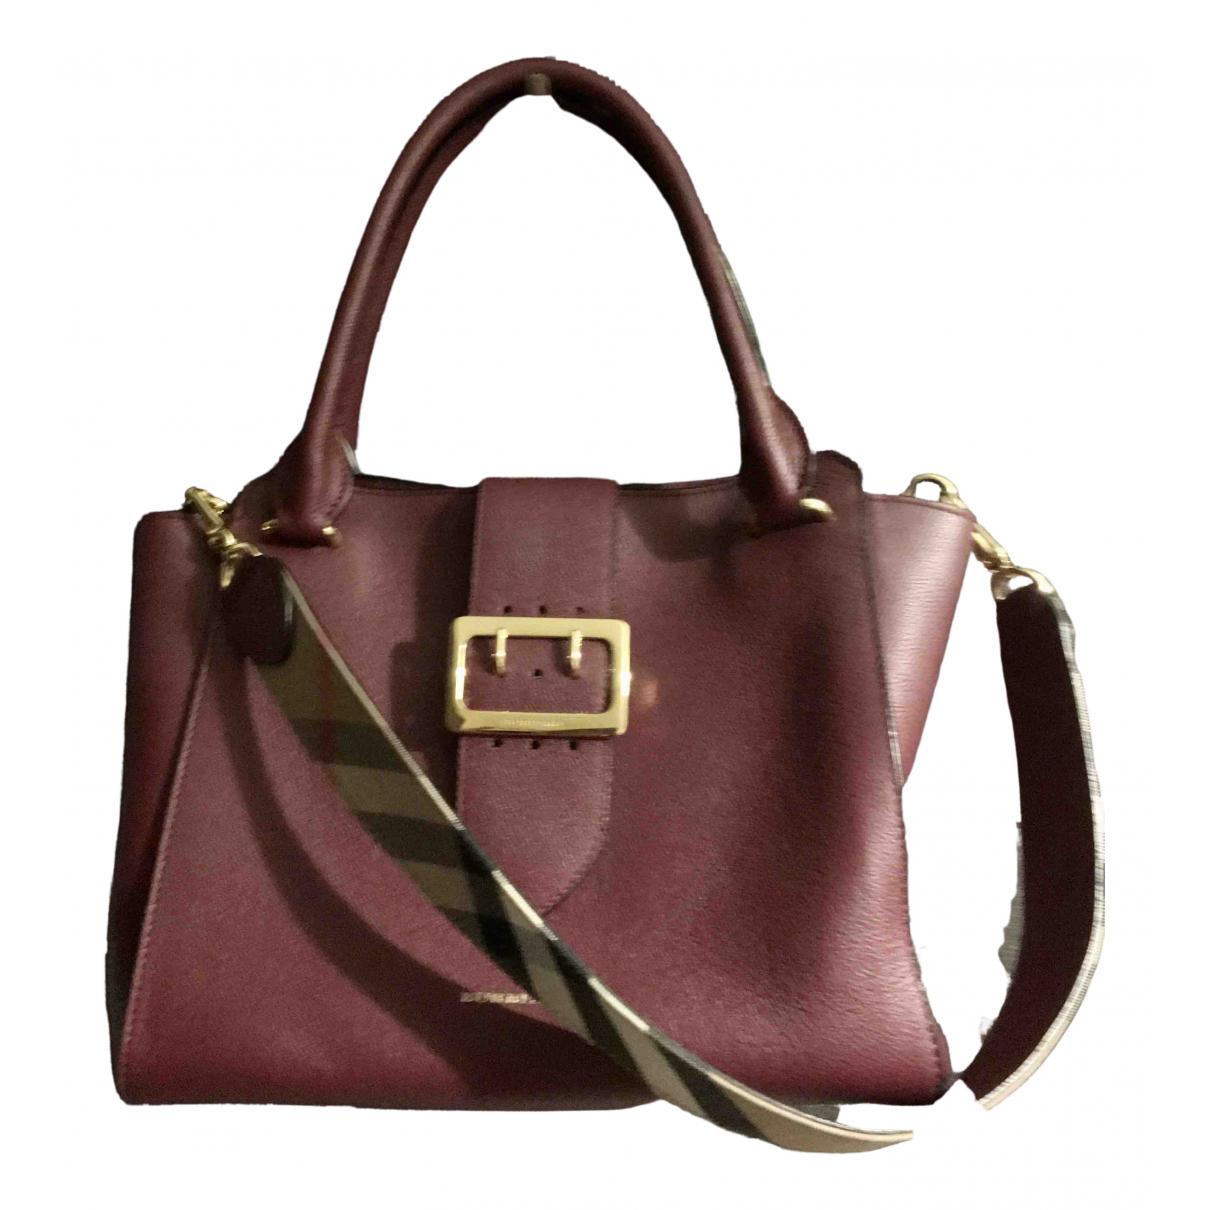 Burberry \N Handtasche in  Bordeauxrot Leder